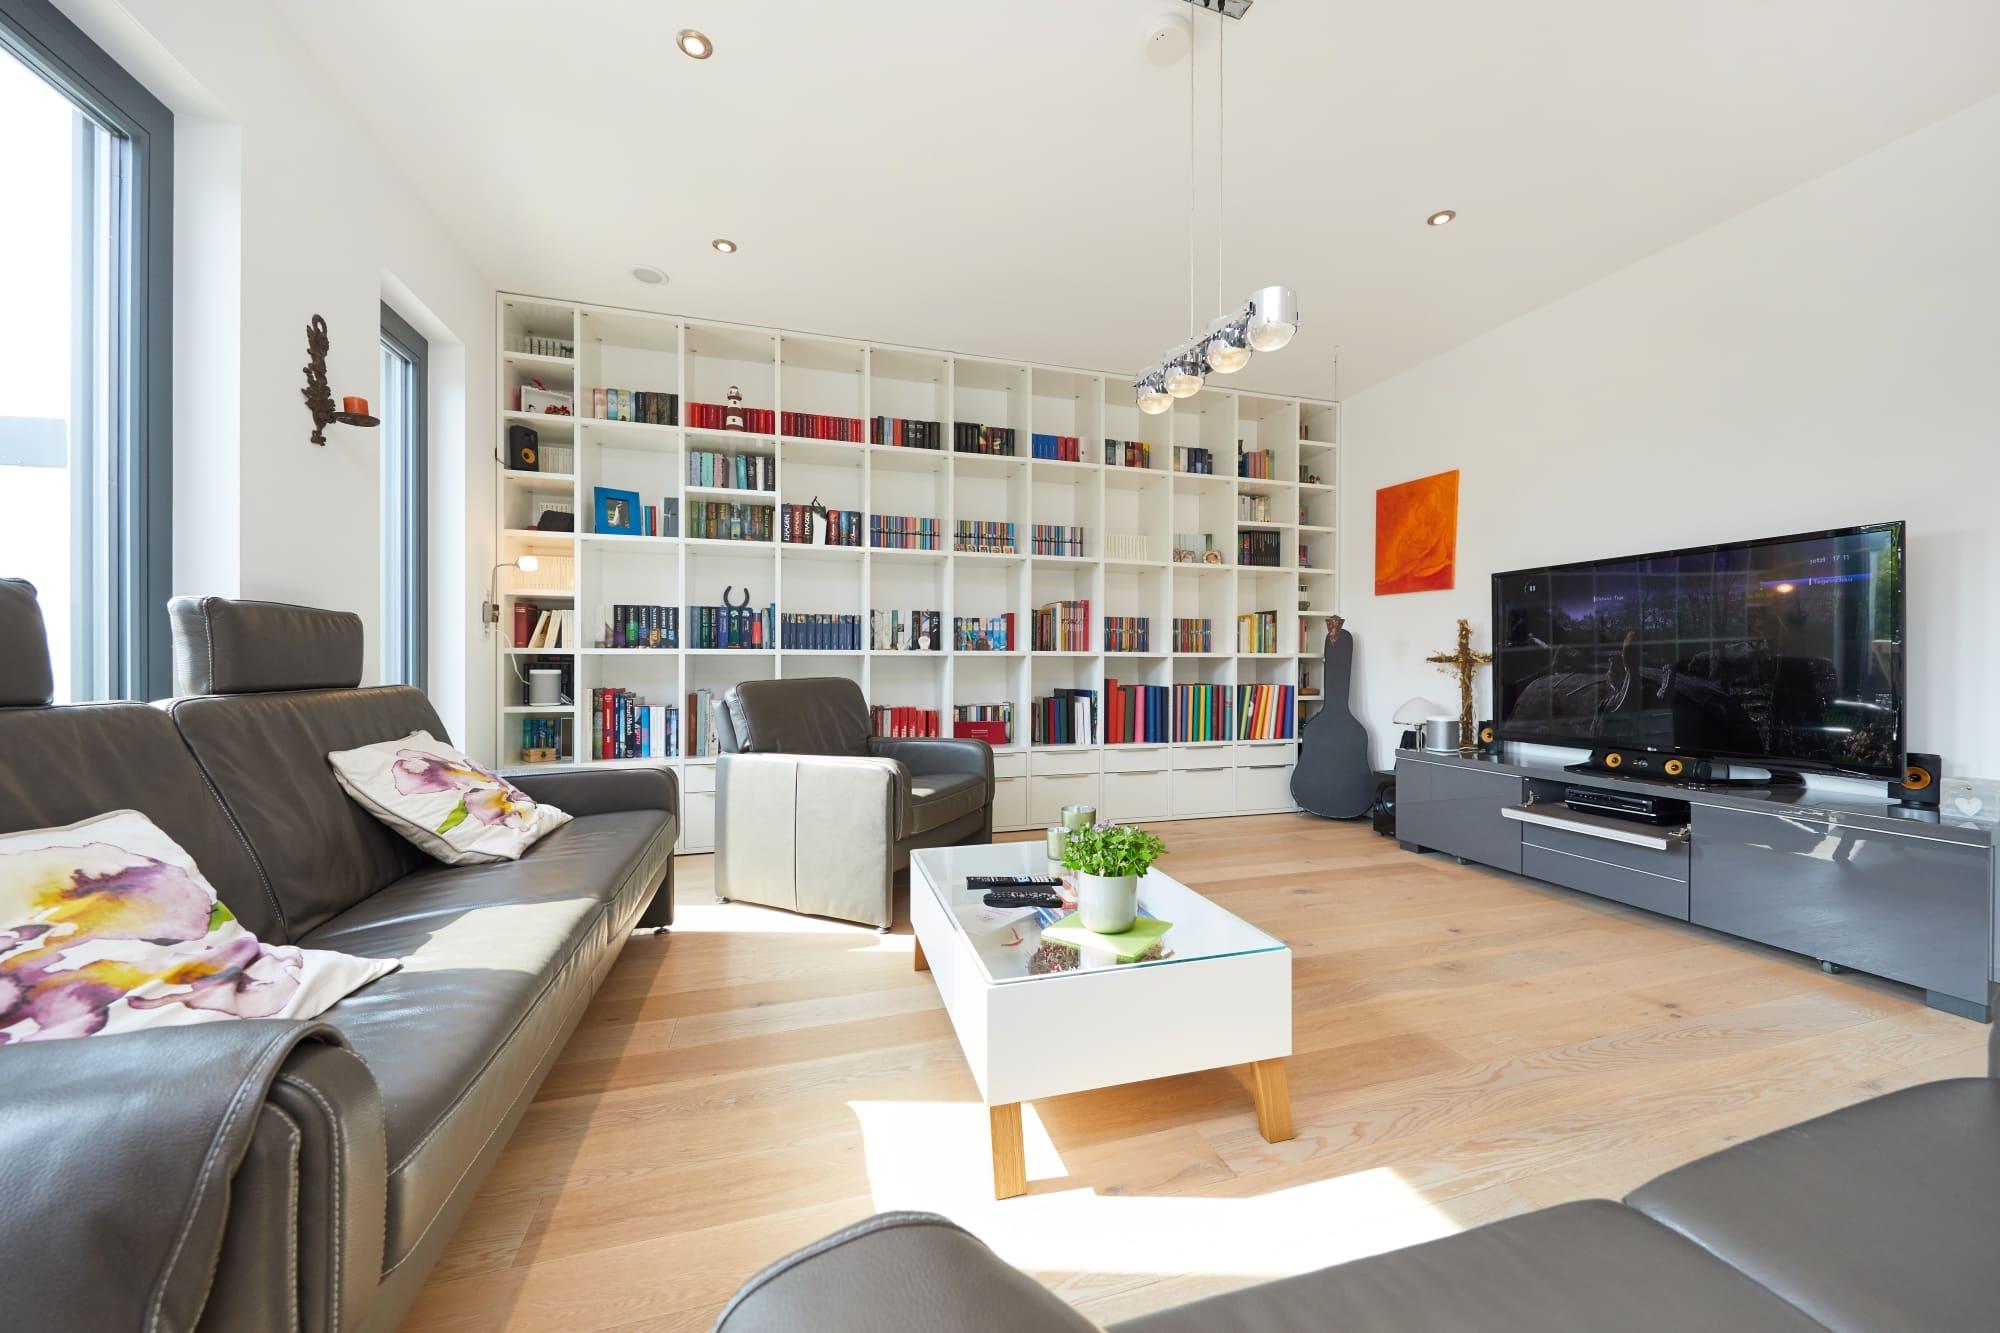 Wohnzimmer modern mit TV Board grau & Bücherregal - Ideen Inneneinrichtung Doppelhaushälfte Monza von GUSSEK HAUS - HausbauDirekt.de